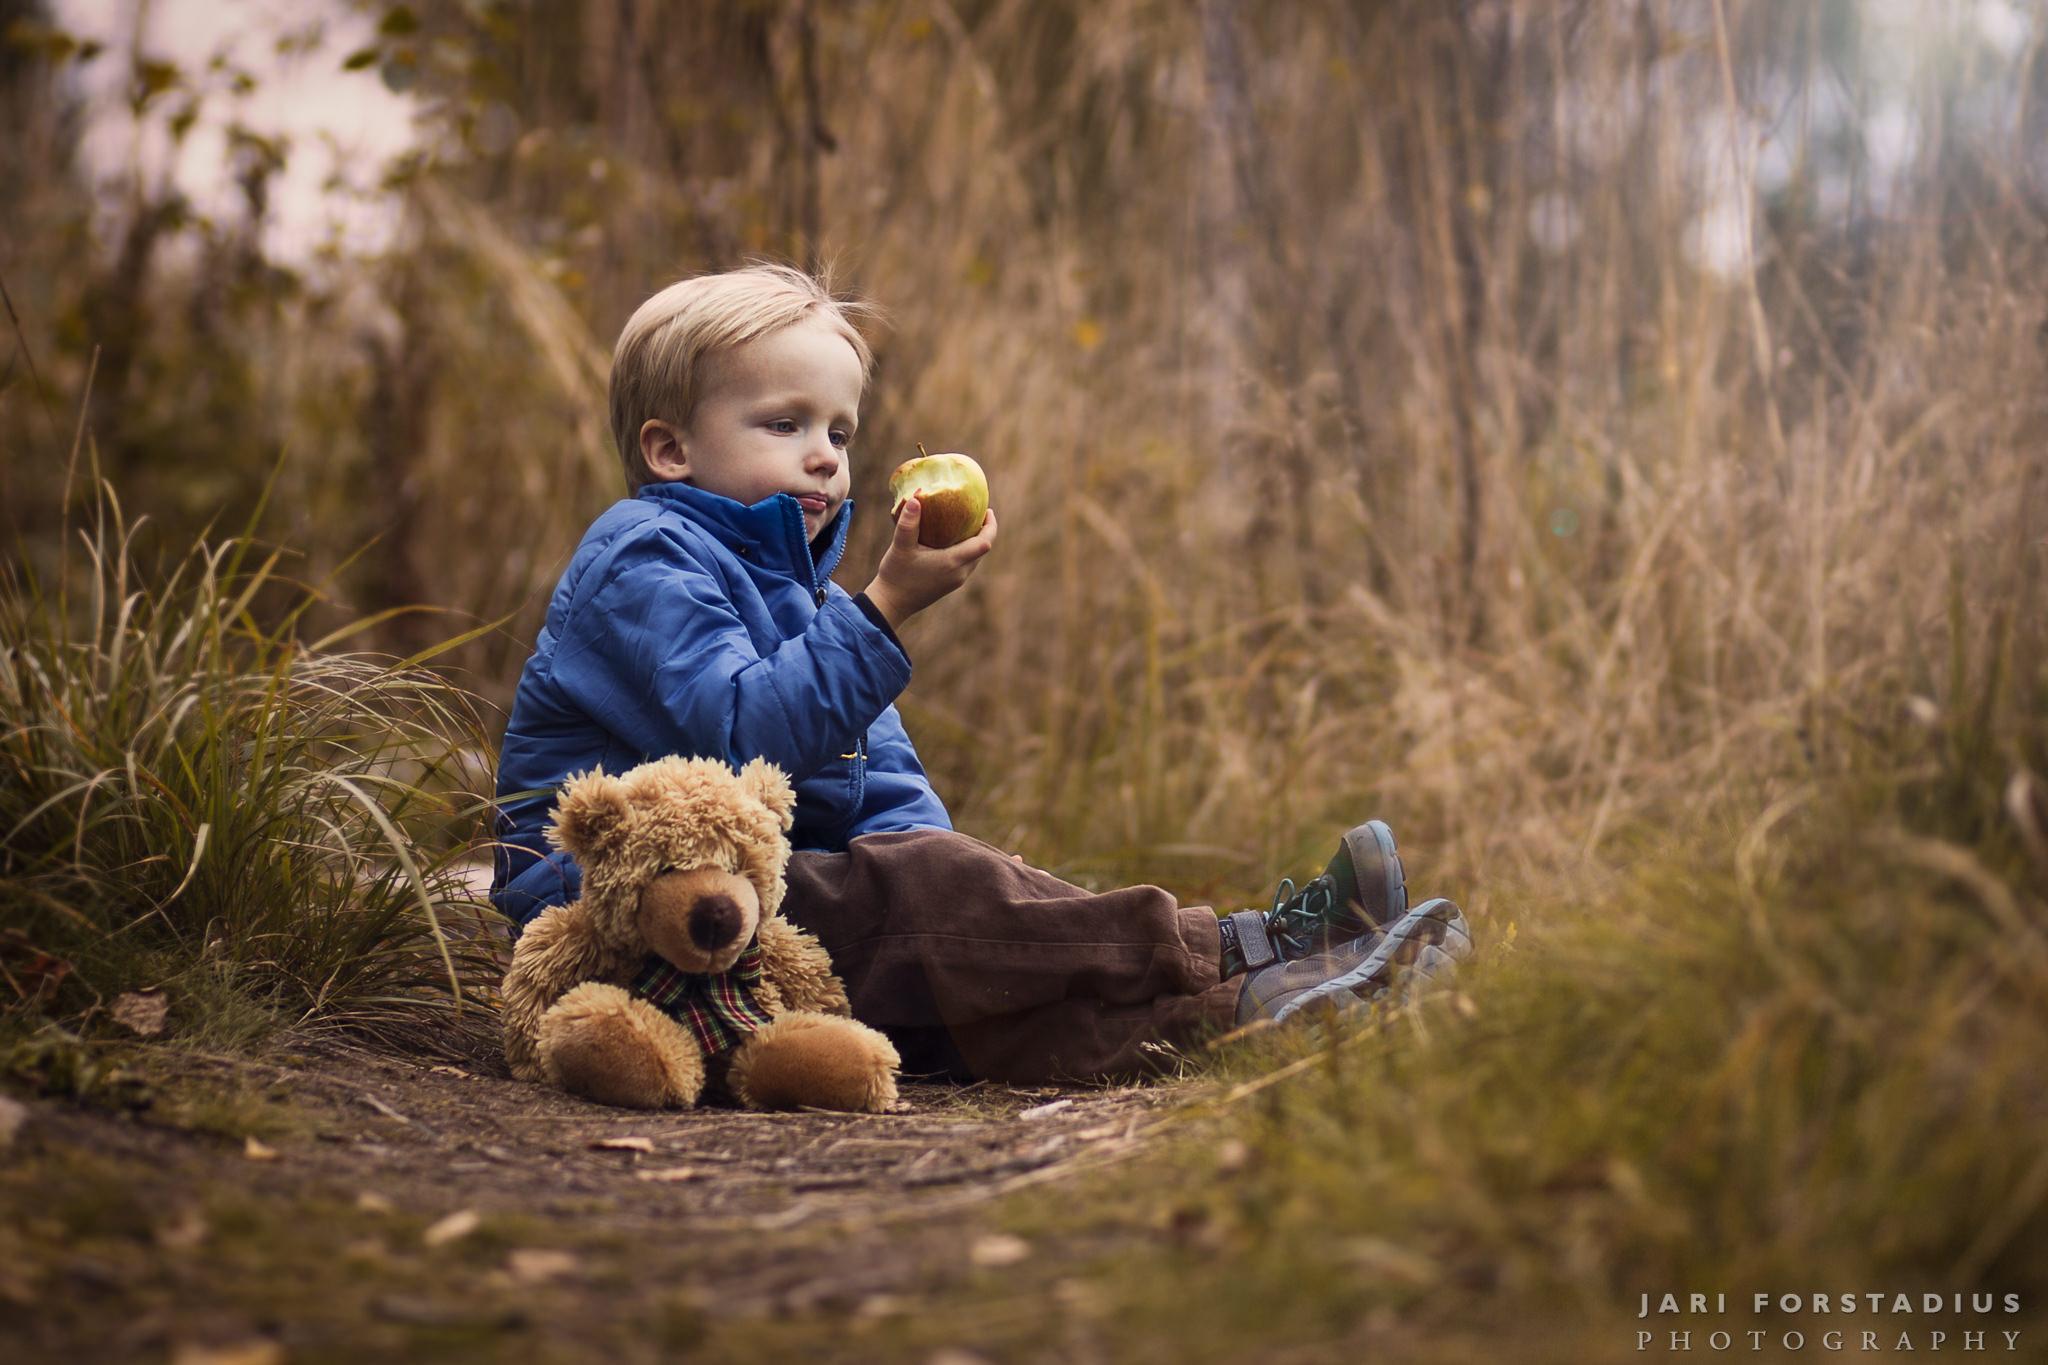 Seasonal Photos – It Is Autumn